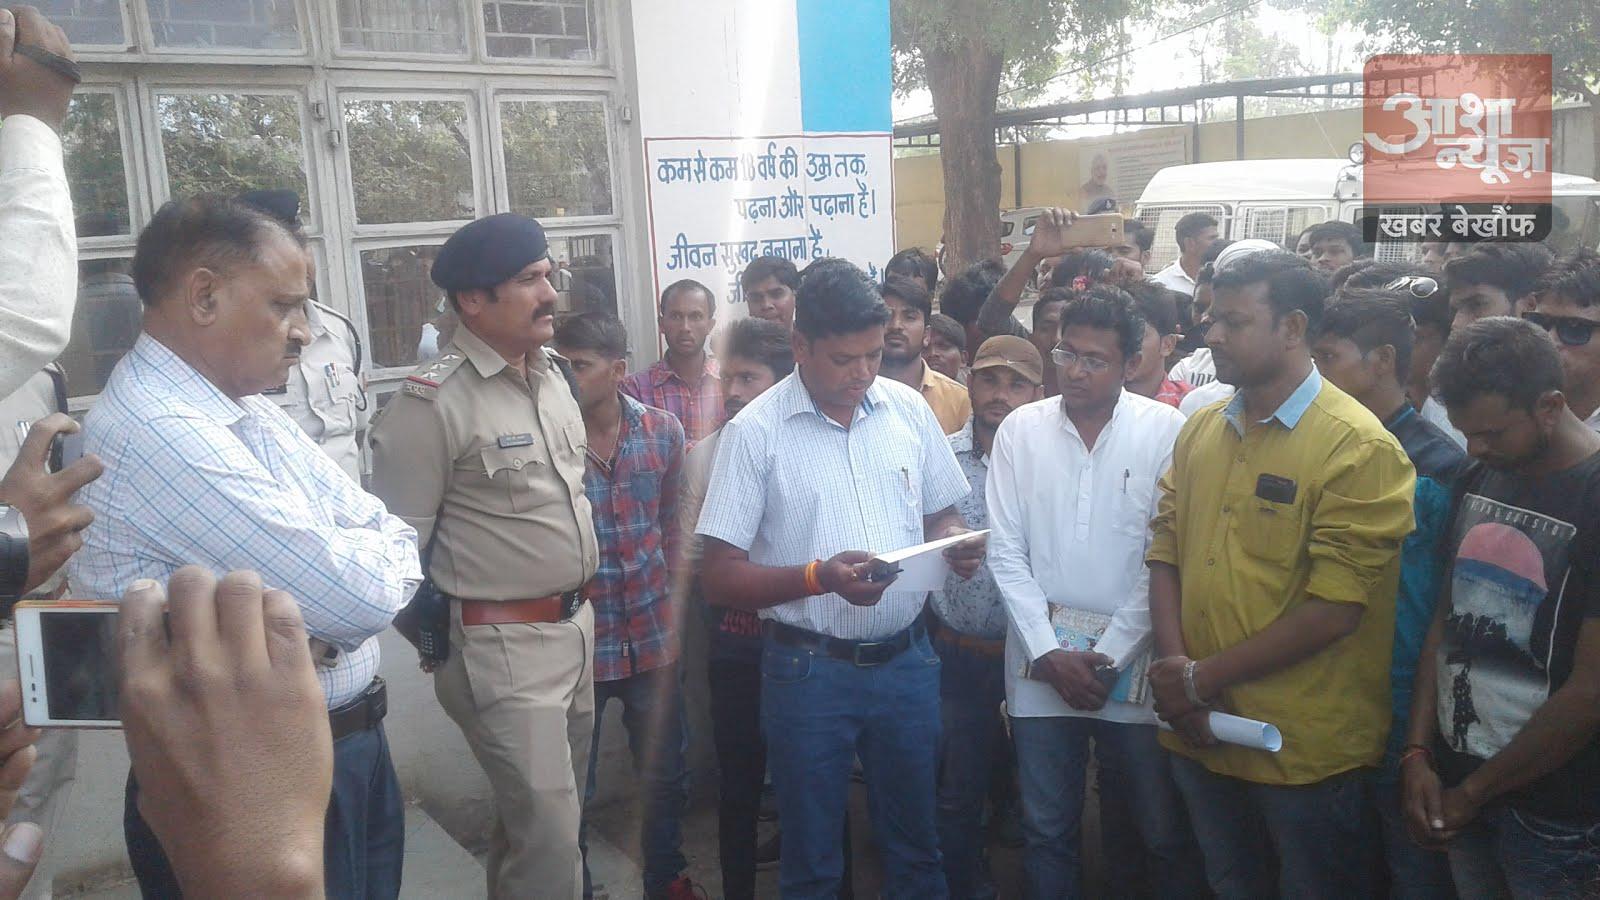 जयस संगठन ने भाजपा जिलाध्यक्ष भावसार द्वारा कथित टिप्पणी के विरोध में कोतवाली पर आवेदन कर केस दर्ज़ करने की मांग की -Jayas organization demanded registration of case against Kotwali in protest against alleged comments by BJP District President, Bhavsar